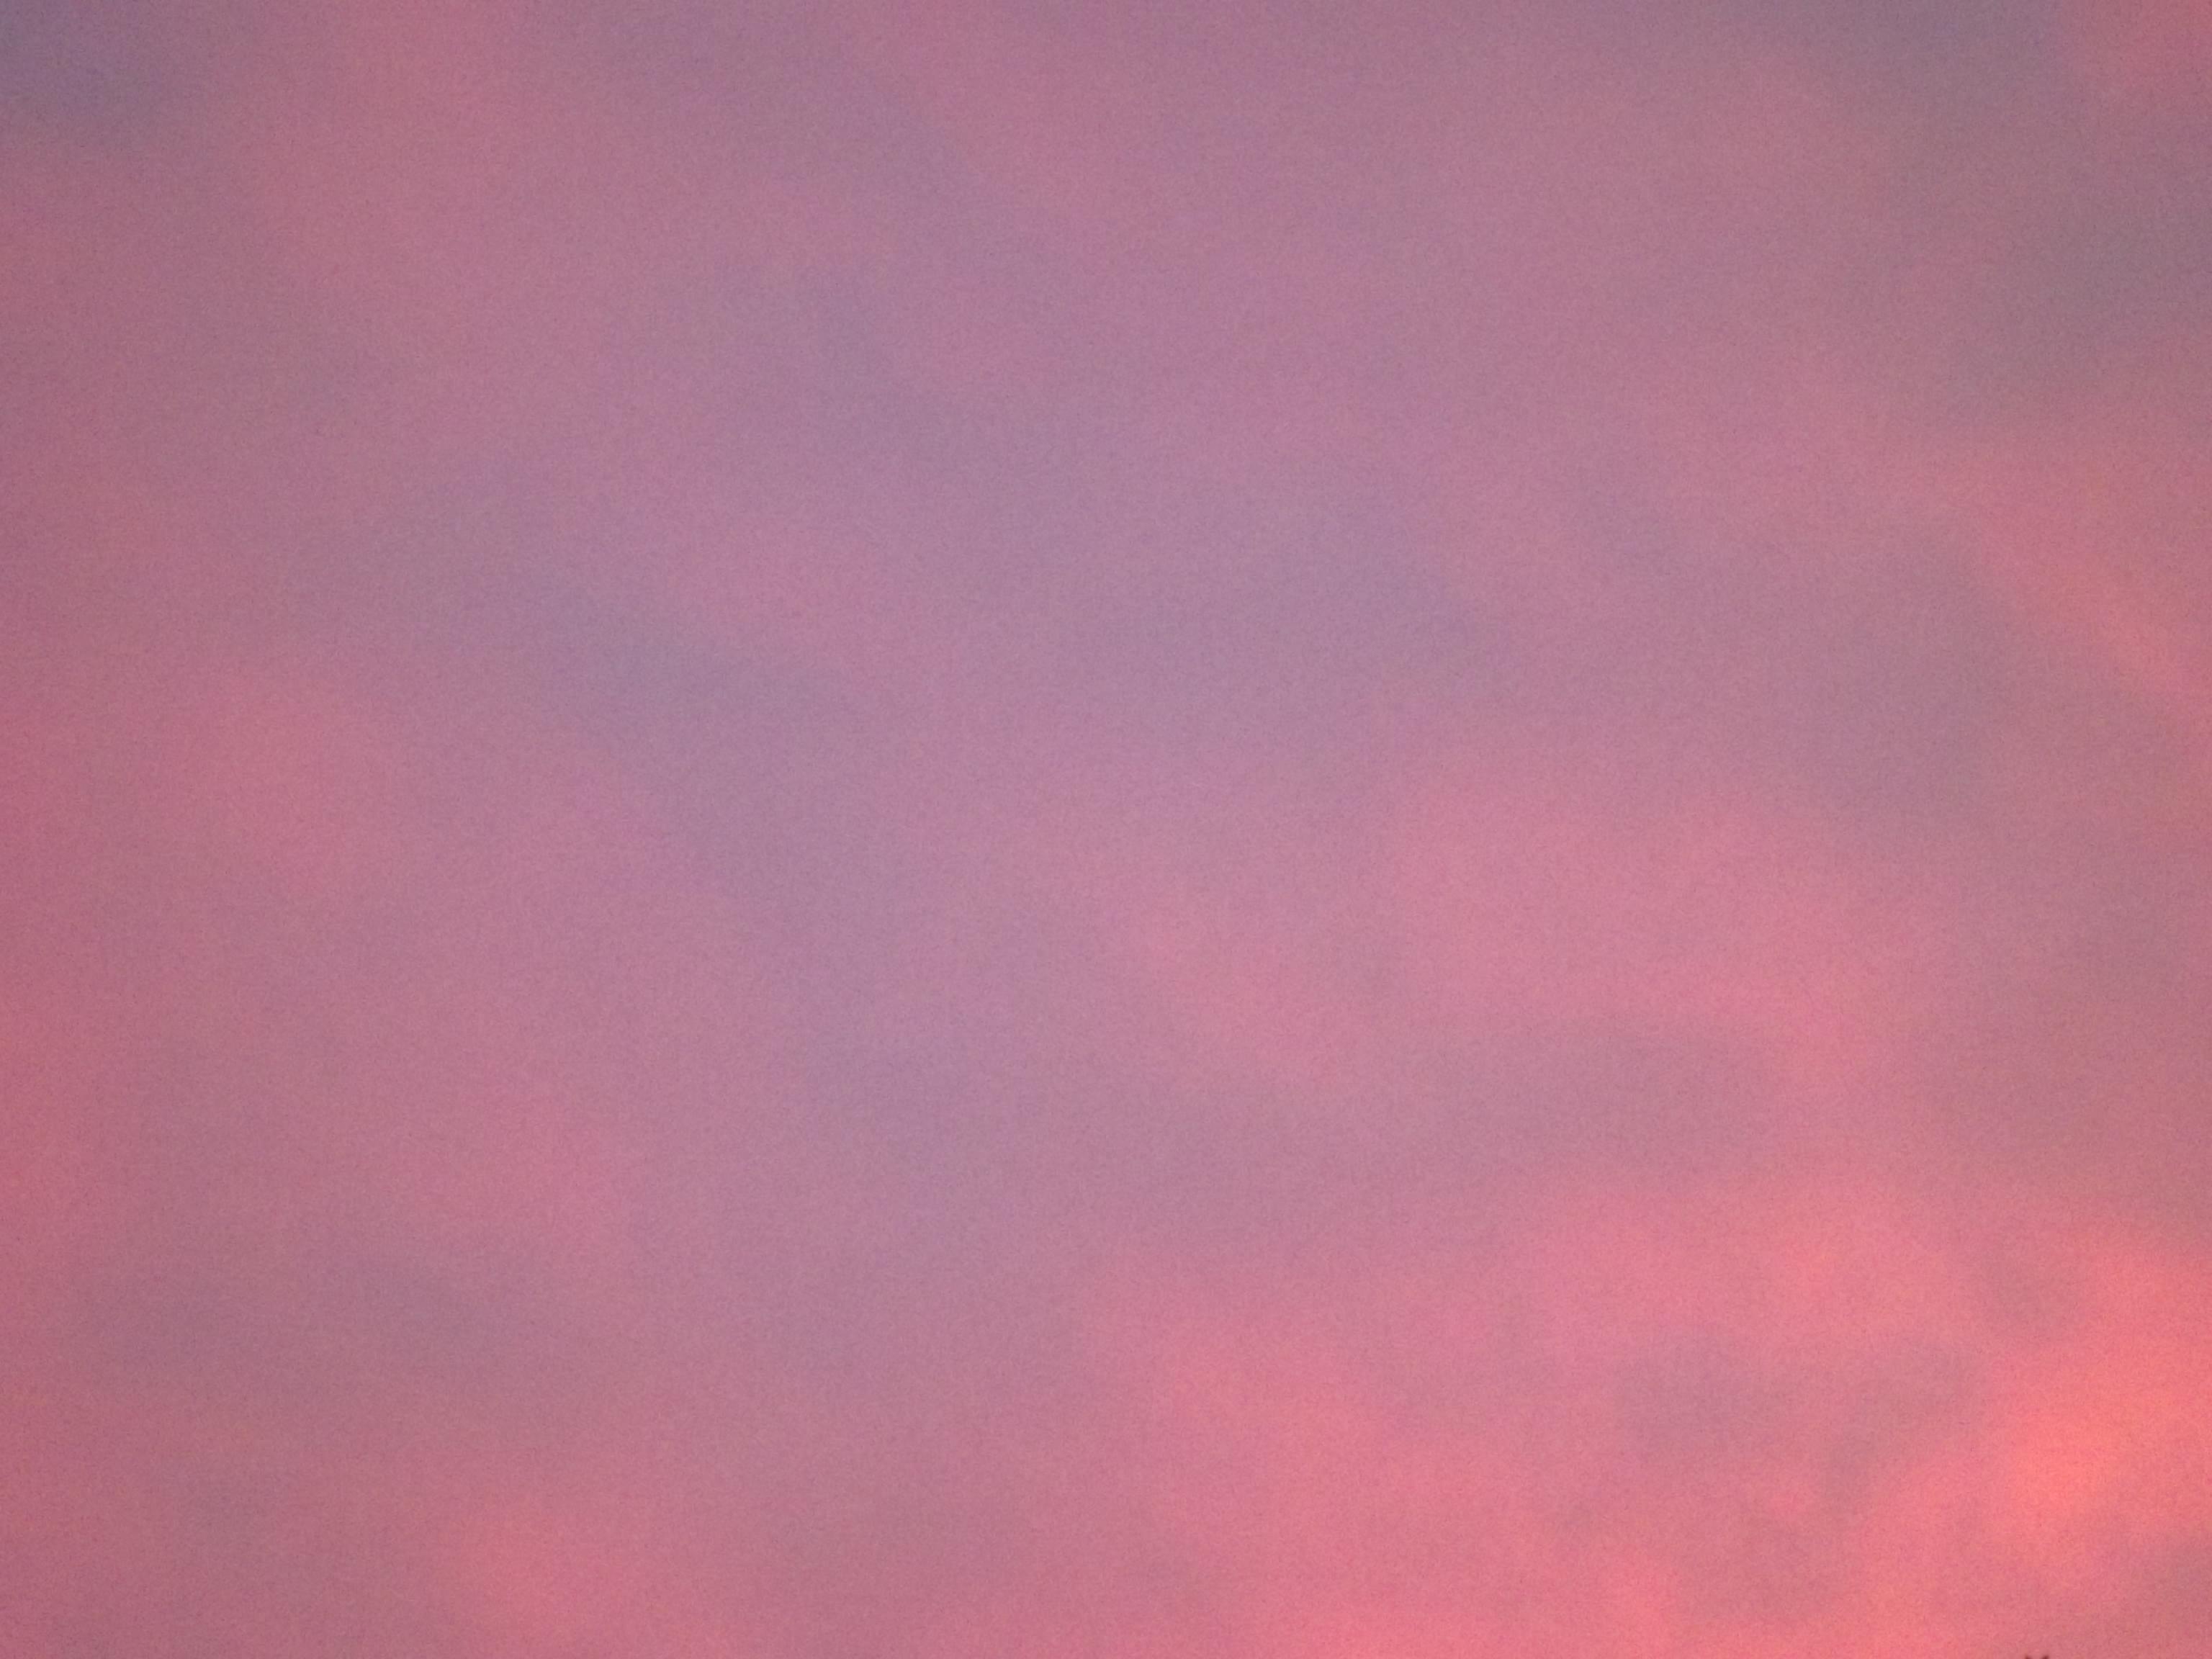 6267-himmel-wolken-rosa-blau-verlauf